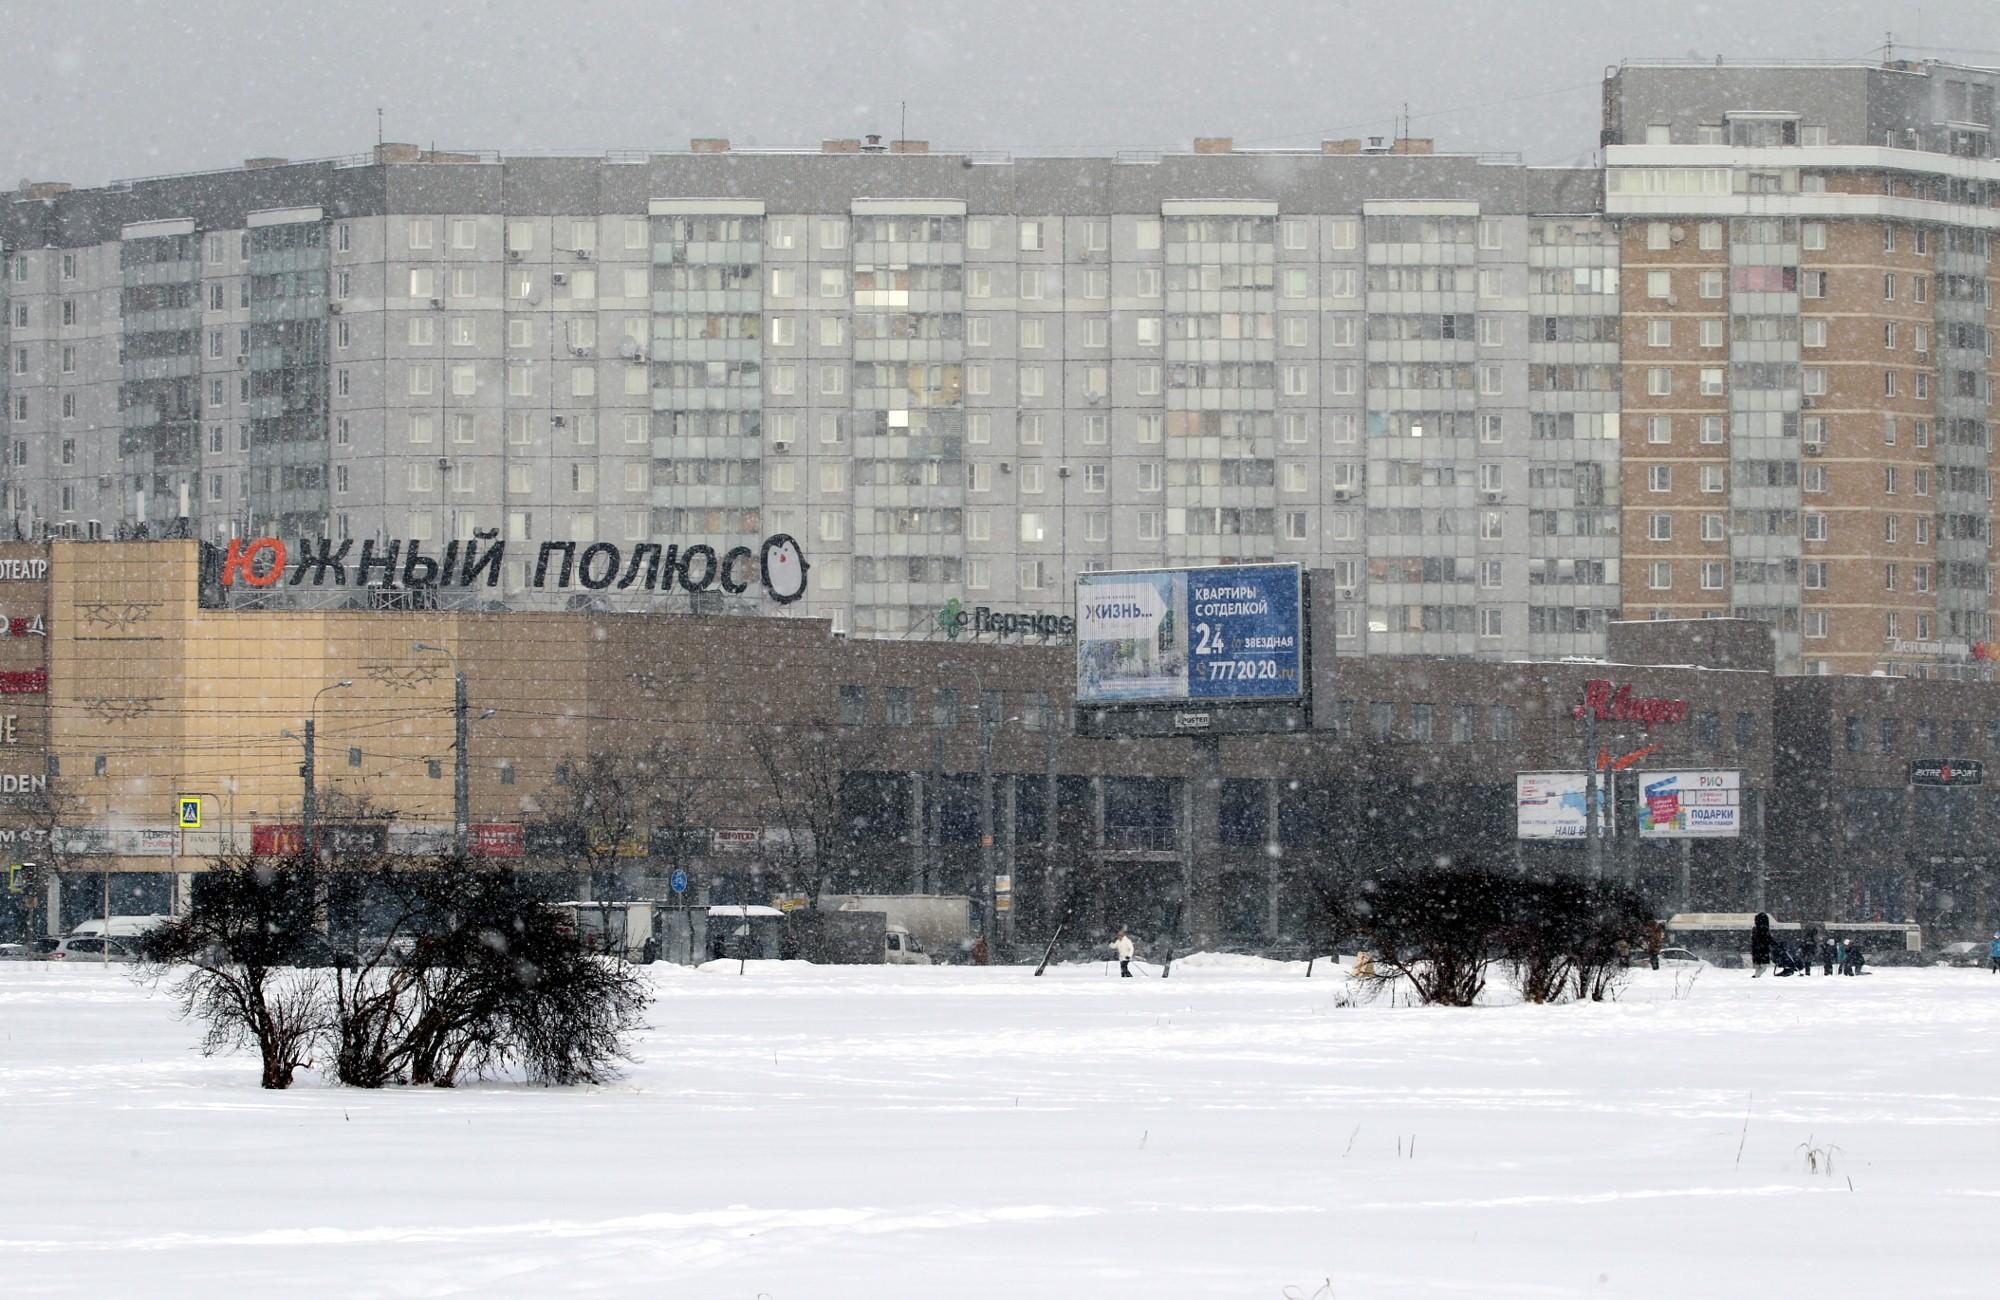 парк интернационалистов торговый центр южный полюс